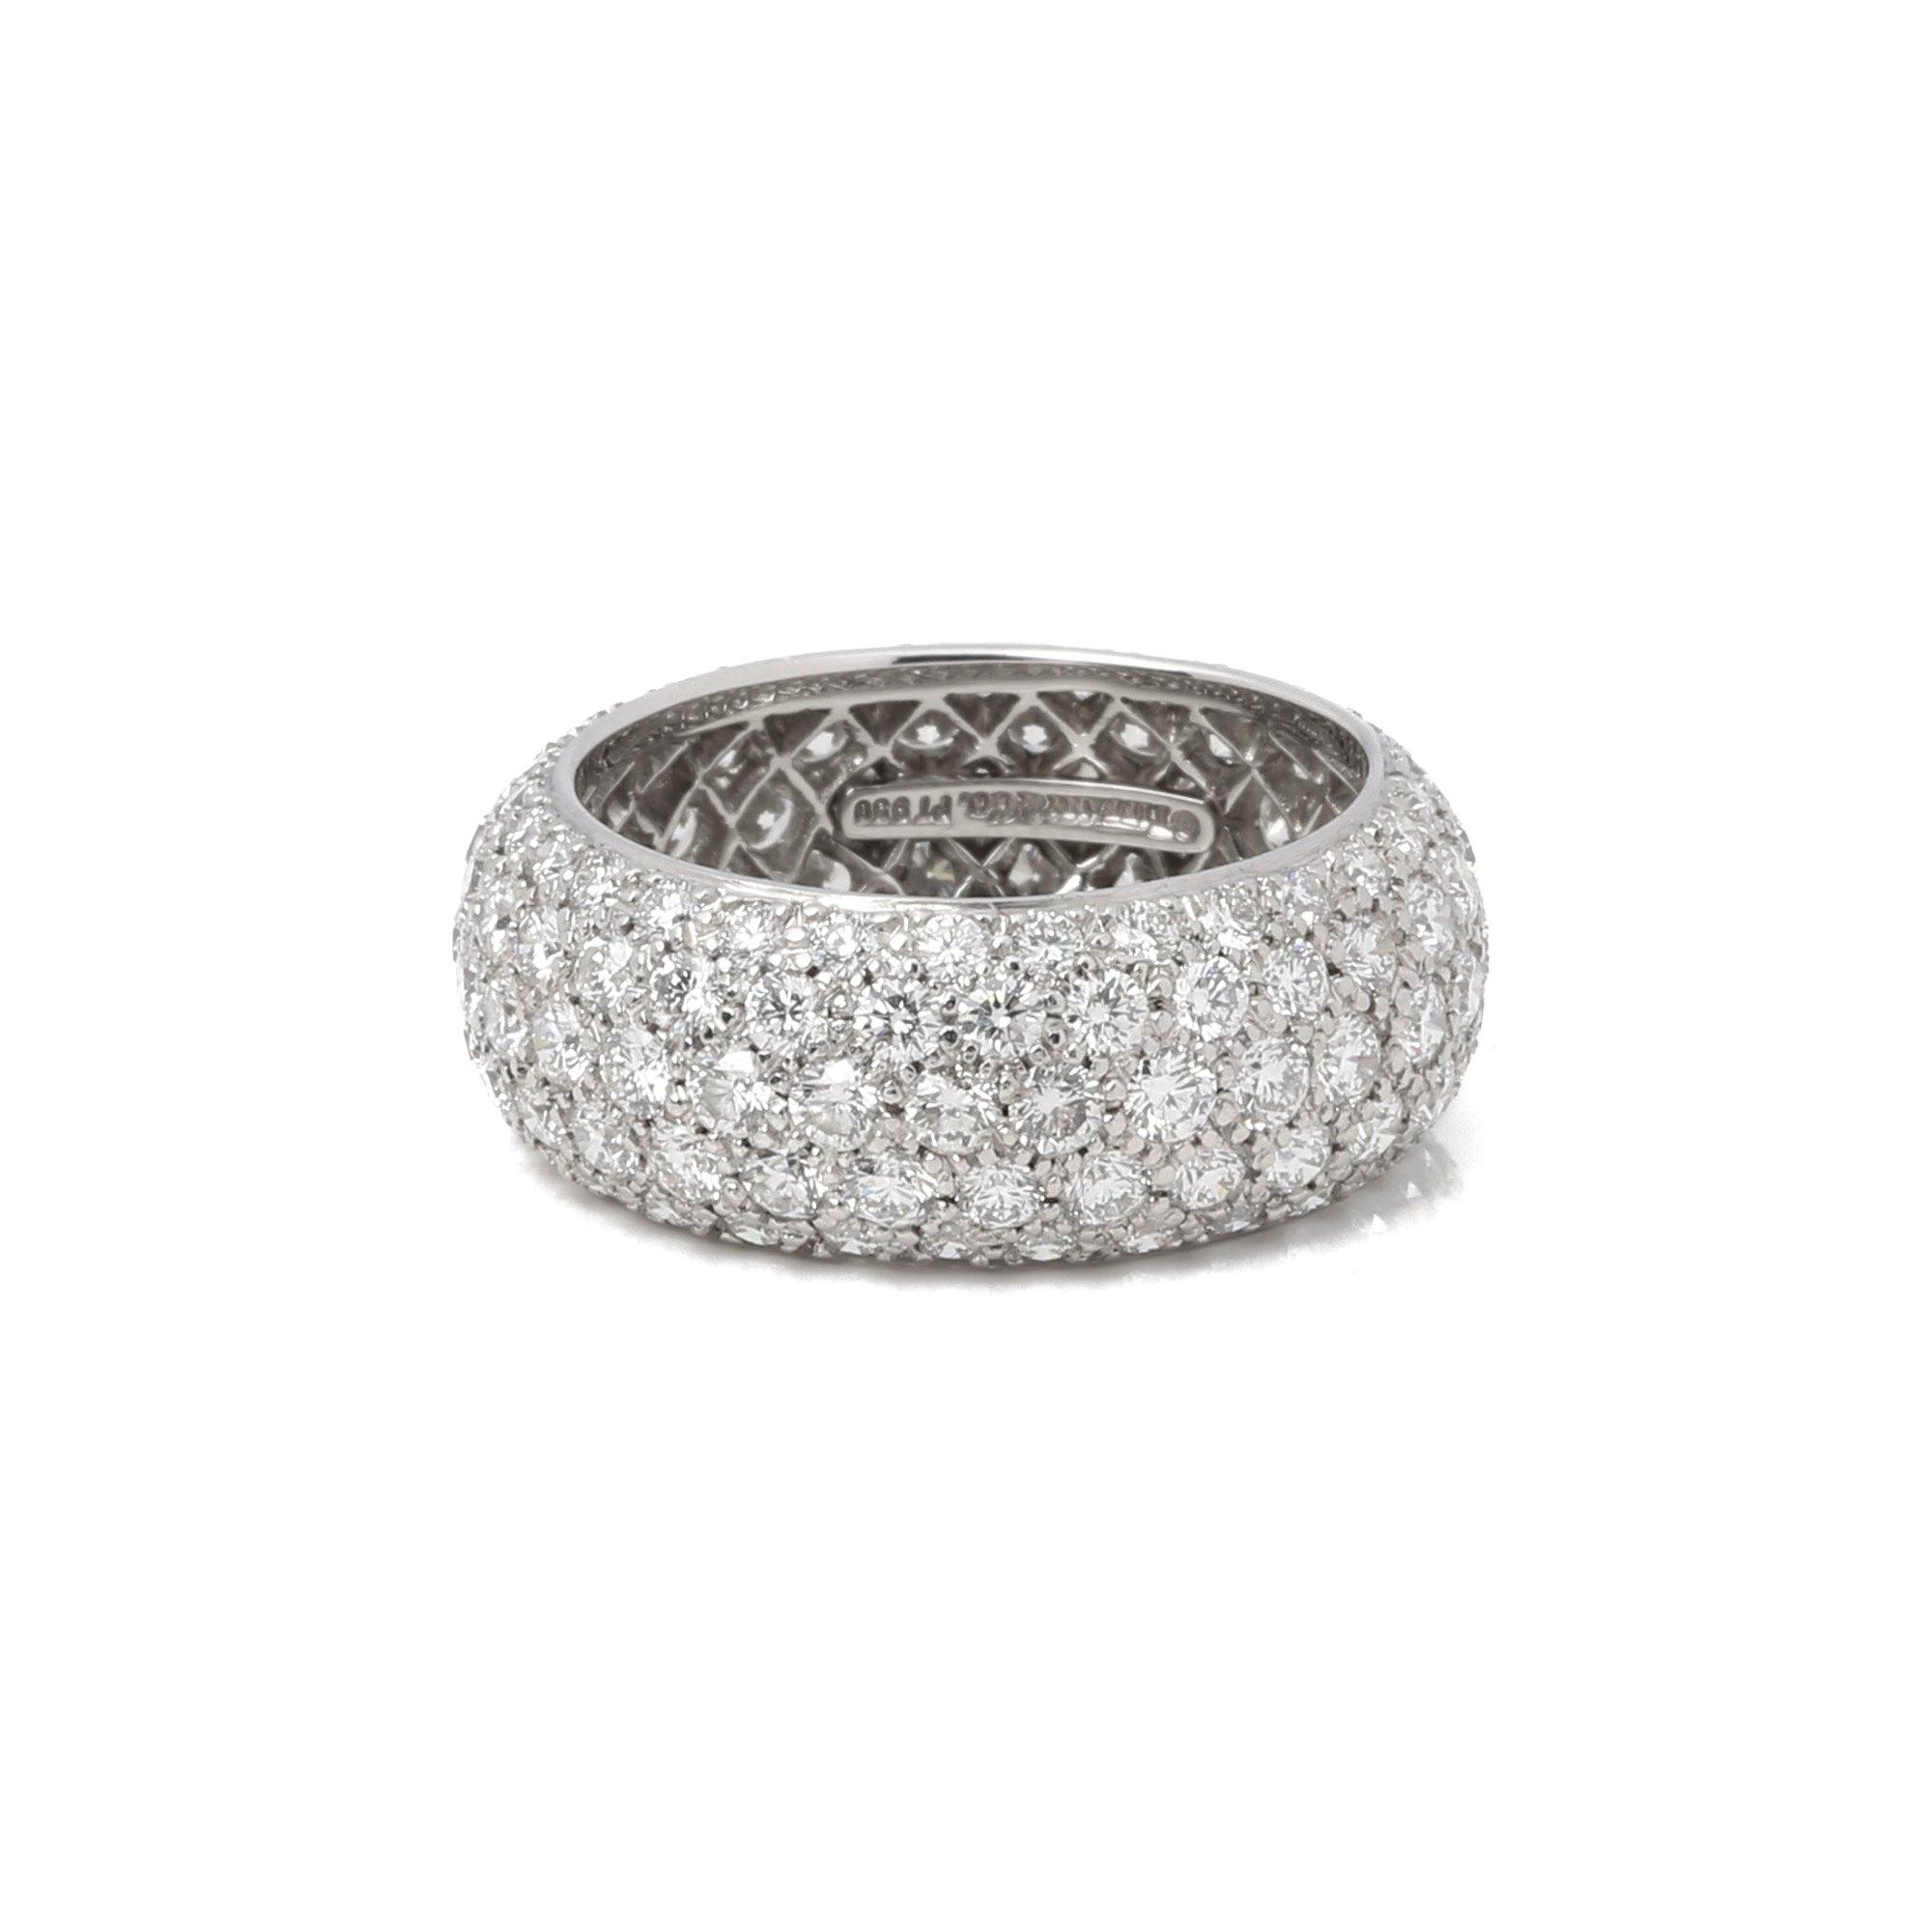 Tiffany & Co. Etoile 5 band diamond ring